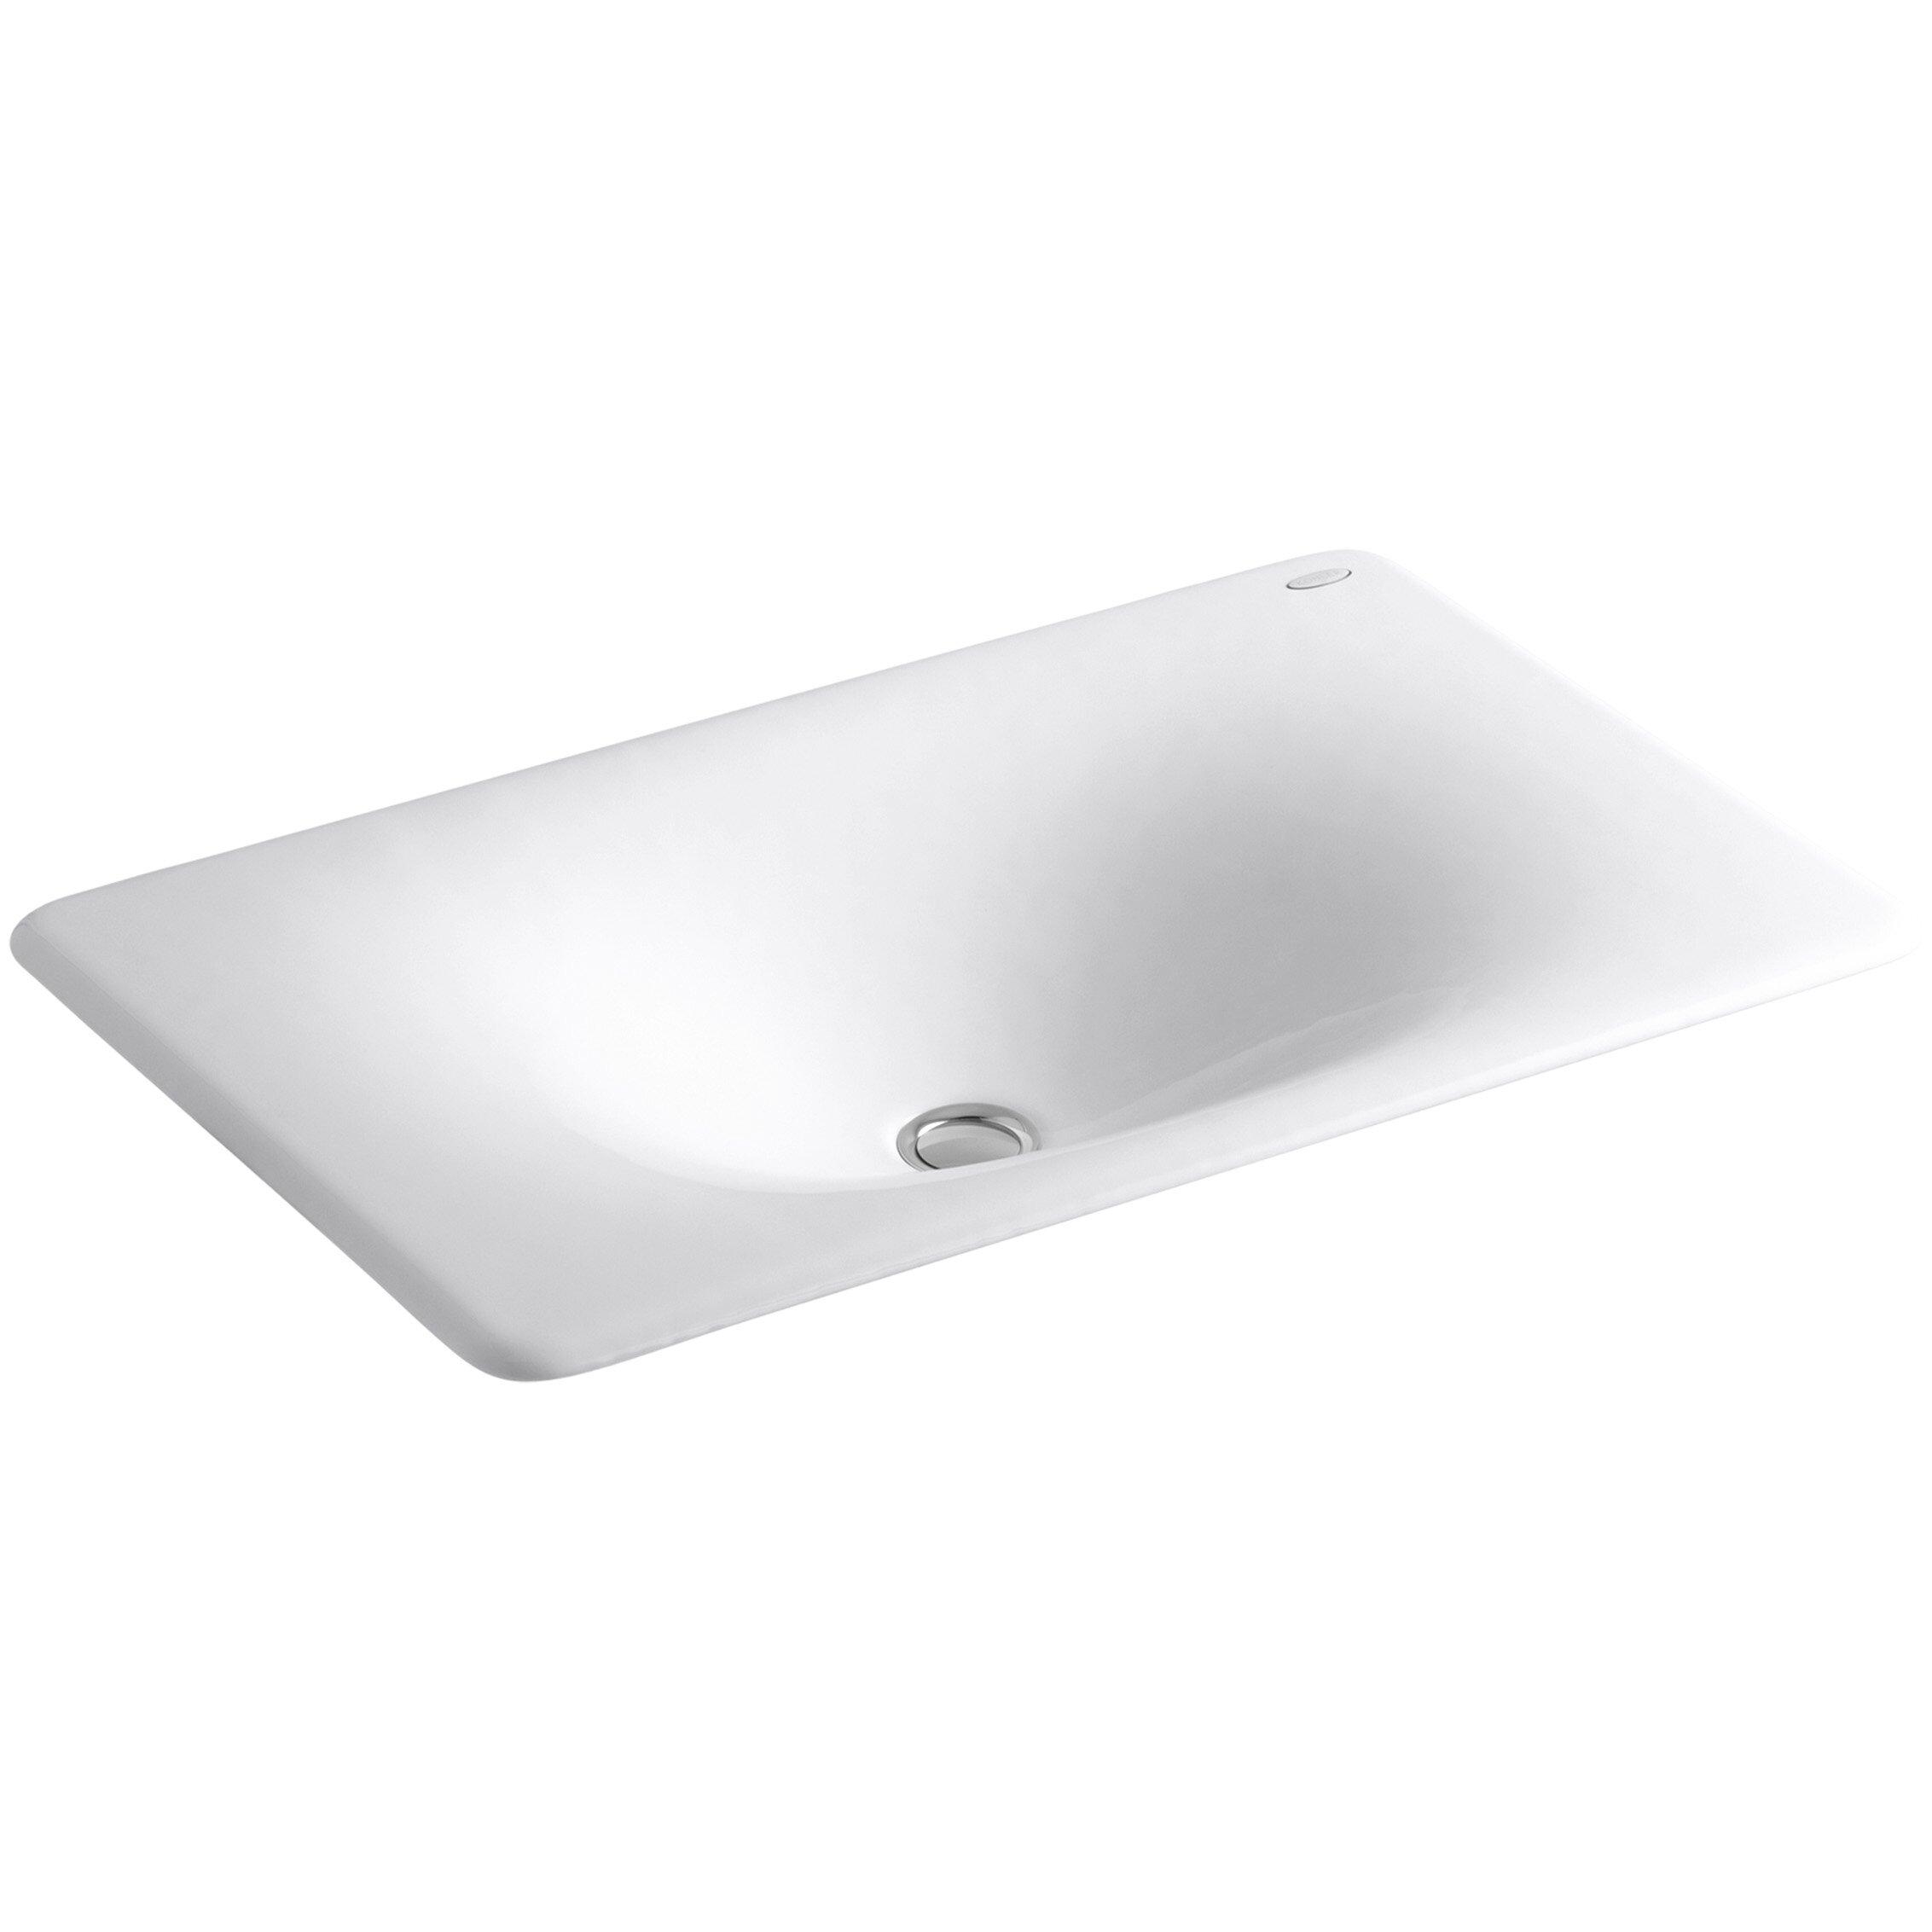 Kohler Iron Tones Drop In Undermount Bathroom Sink